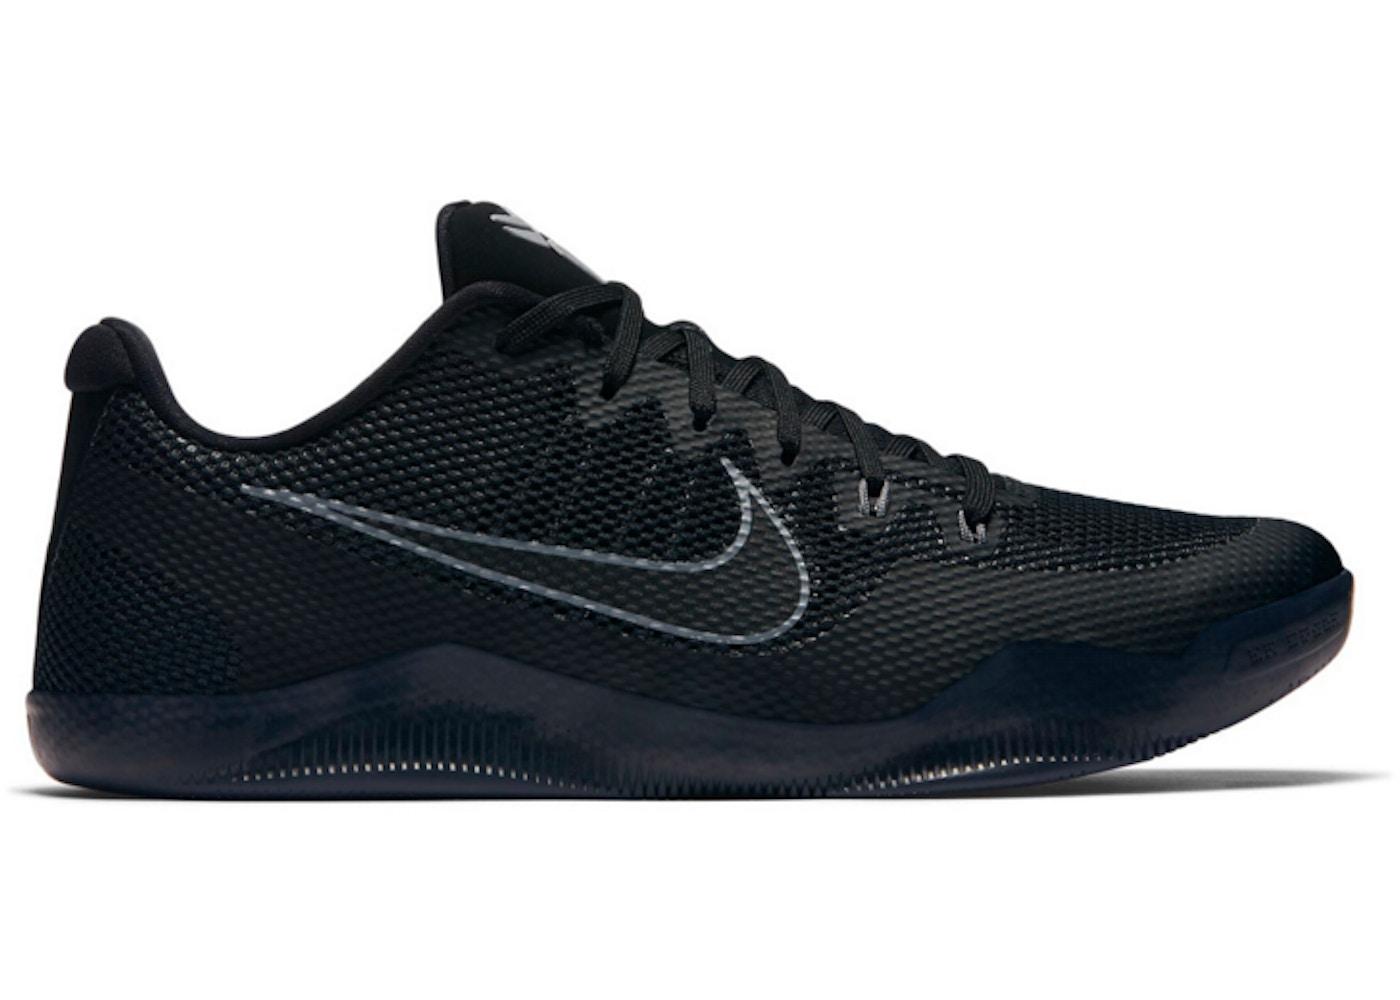 9669a0b0461e Buy Nike Kobe 11 Shoes   Deadstock Sneakers